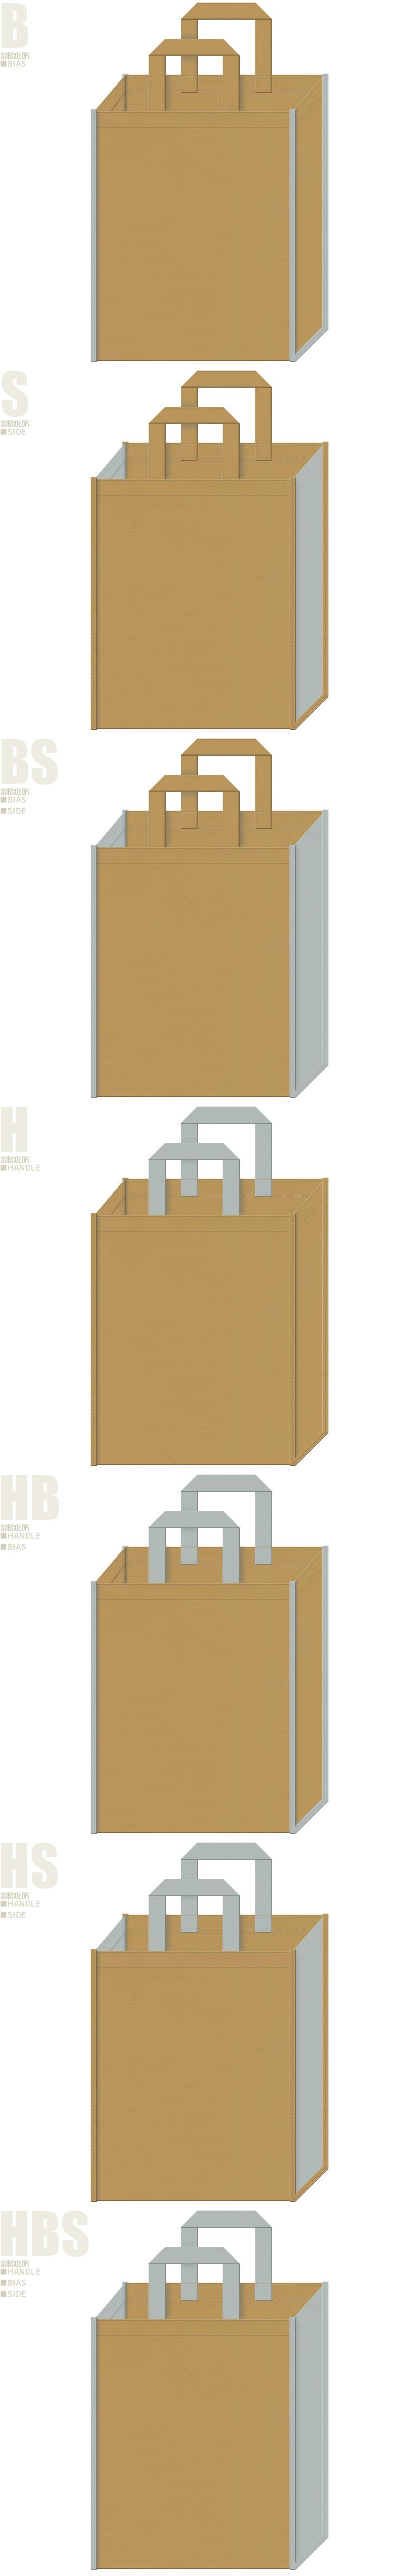 金色系黄土色とグレー色、7パターンの不織布トートバッグ配色デザイン例。工具・接着剤の展示会用バッグにお奨めです。